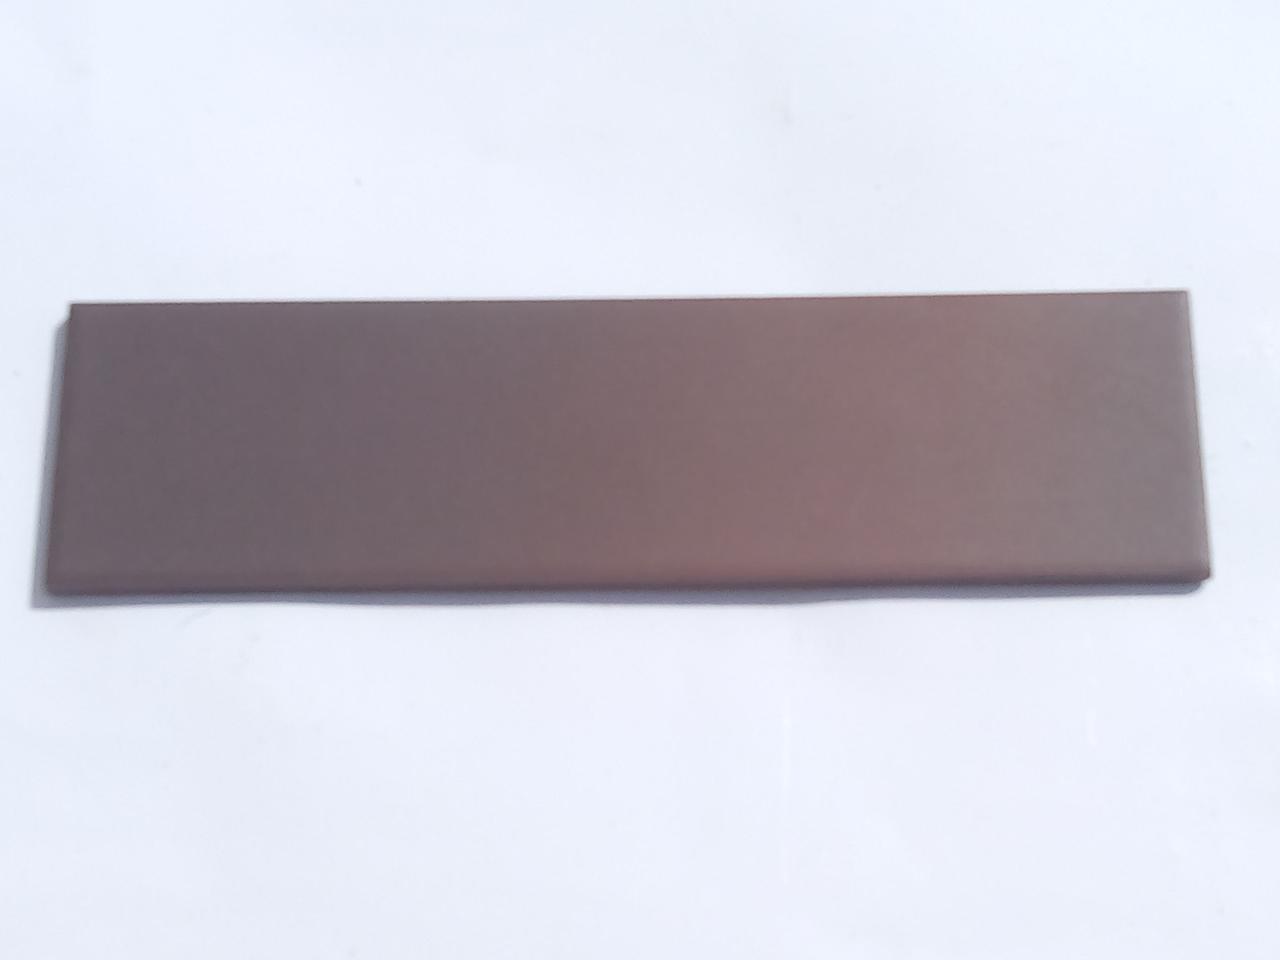 Клинкерная фасадная плитка Paradyz Cloud Brown 245x65x7.4